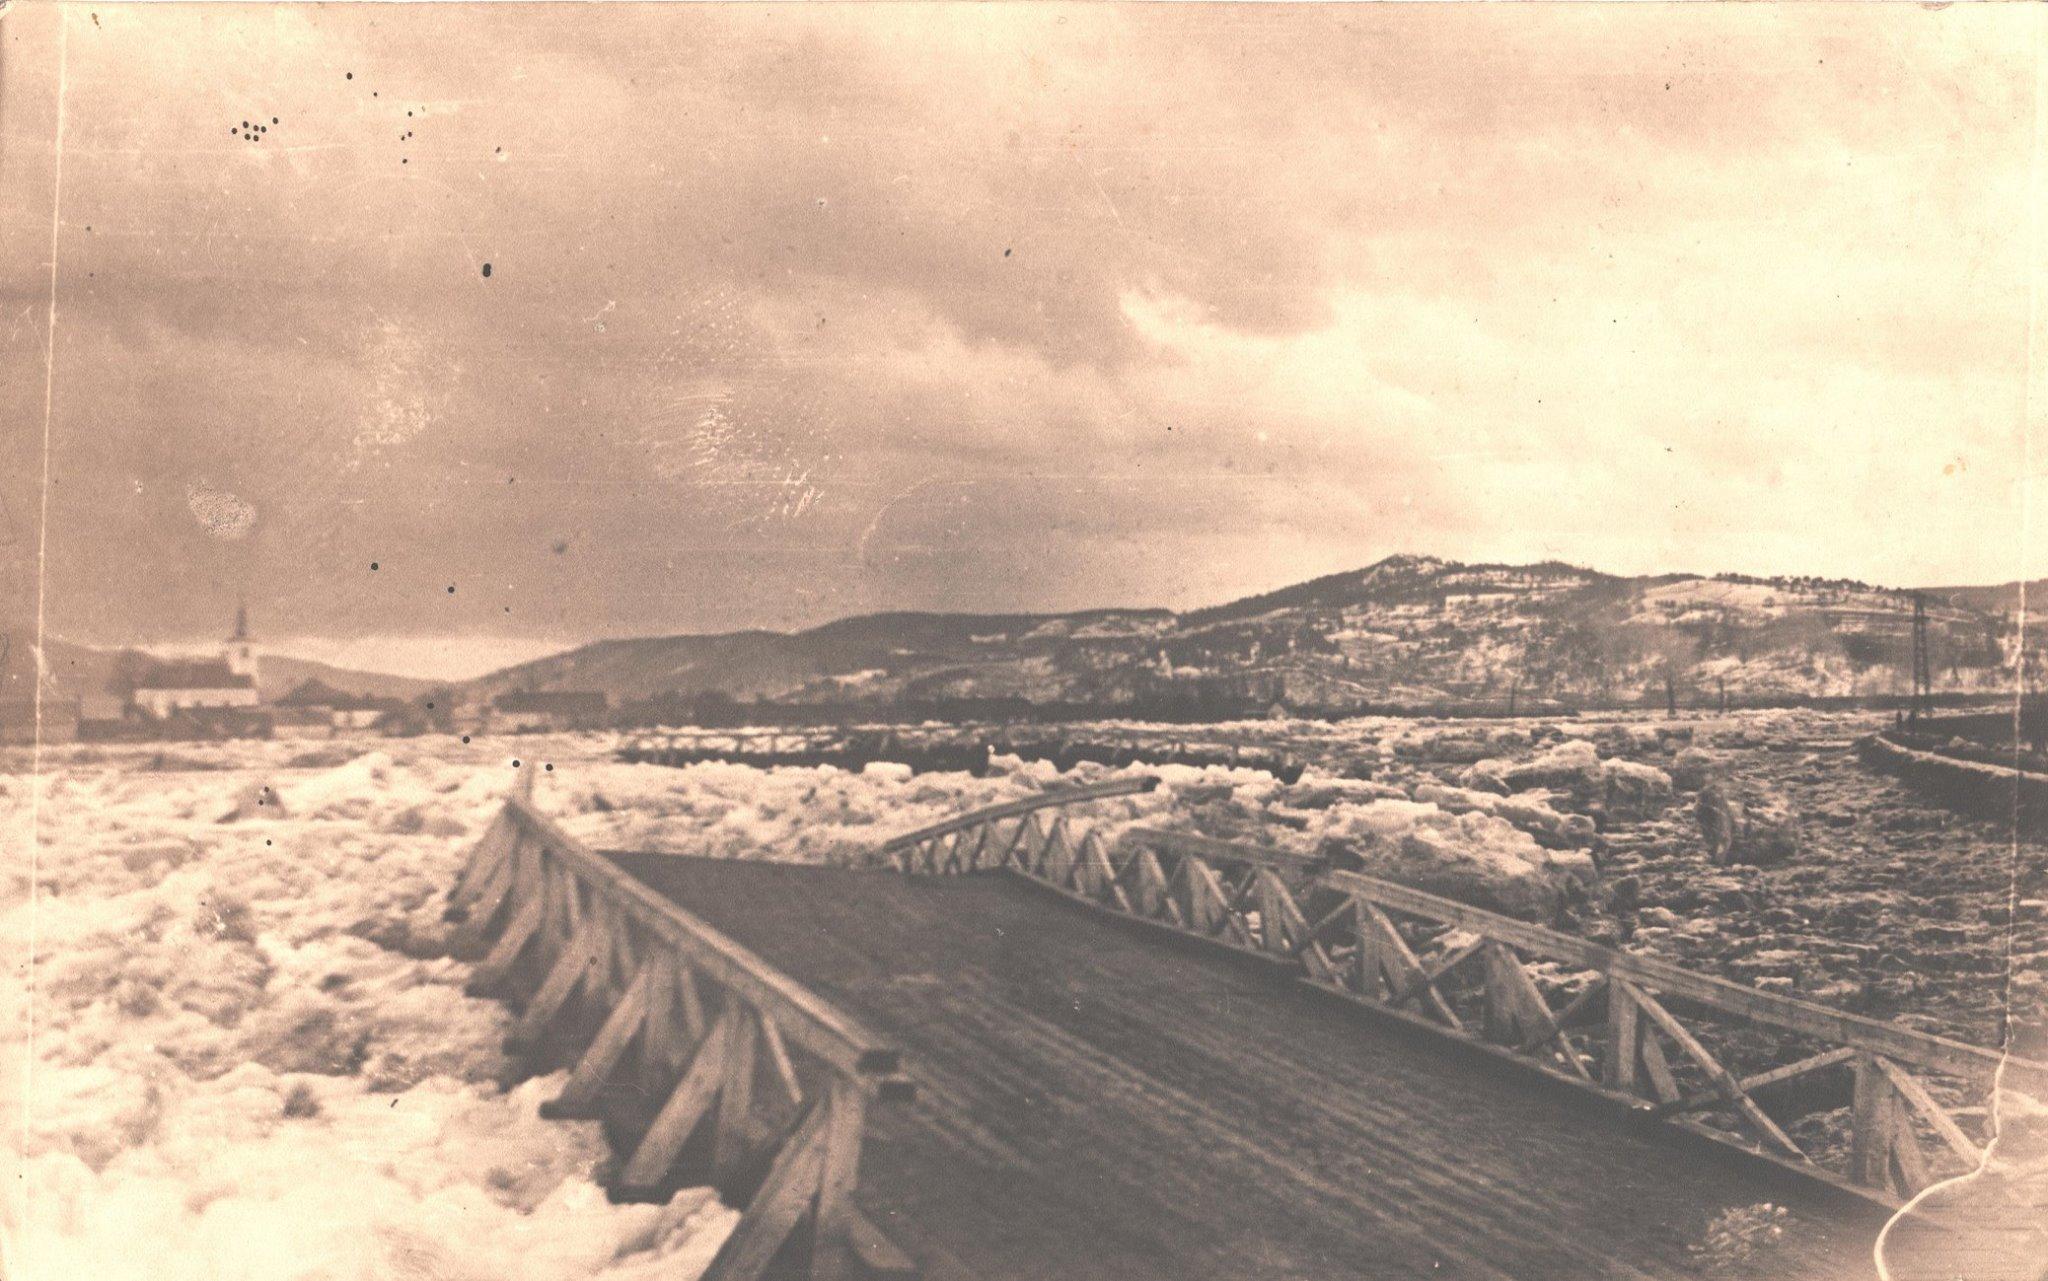 Rozvodnený  Váh odnáša 5. februára 1946 provizórny drevený most medzi Púchovom a Hornými Kočkovcami, ktorý postavili domáci obyvatelia a vojaci červenej i rumunskej armády potom, ako nemecké vojsko zničilo pri ústupe pôvodný kovový most